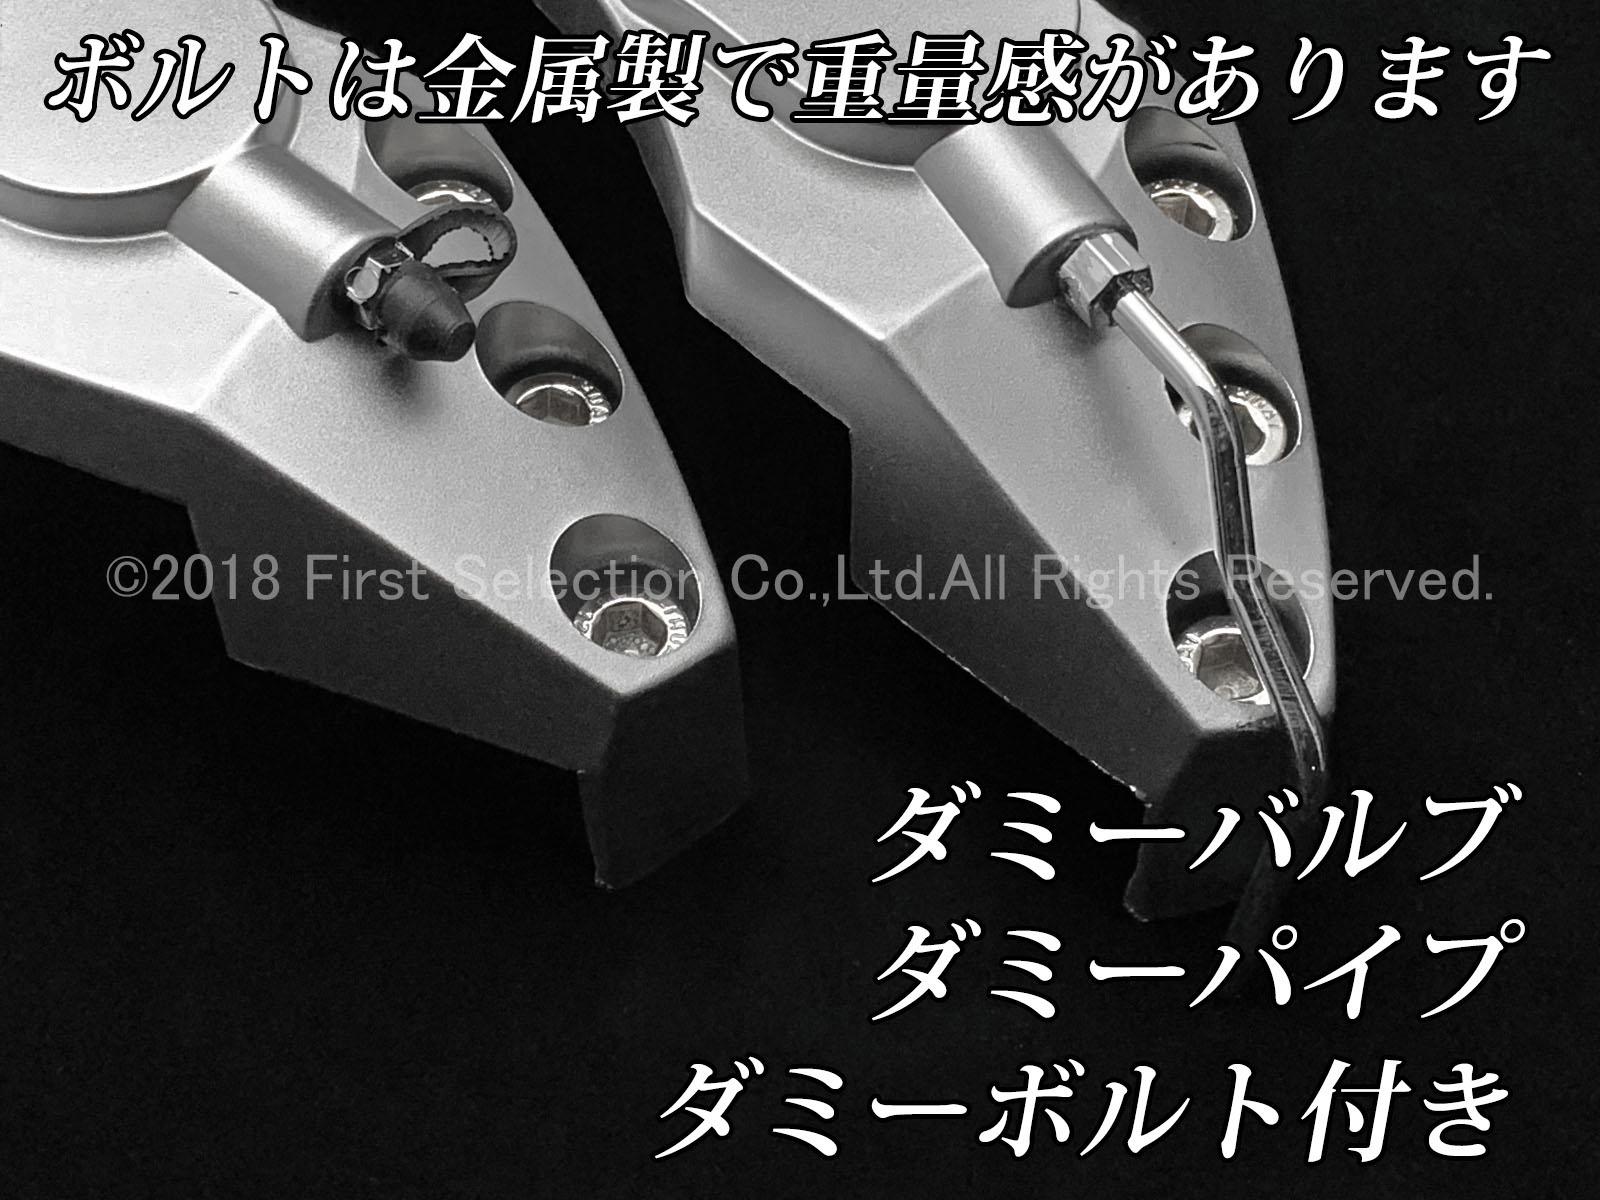 アウディ車 Audiロゴ黒文字 汎用高品質キャリパーカバーL/Mサイズセット 銀 シルバー